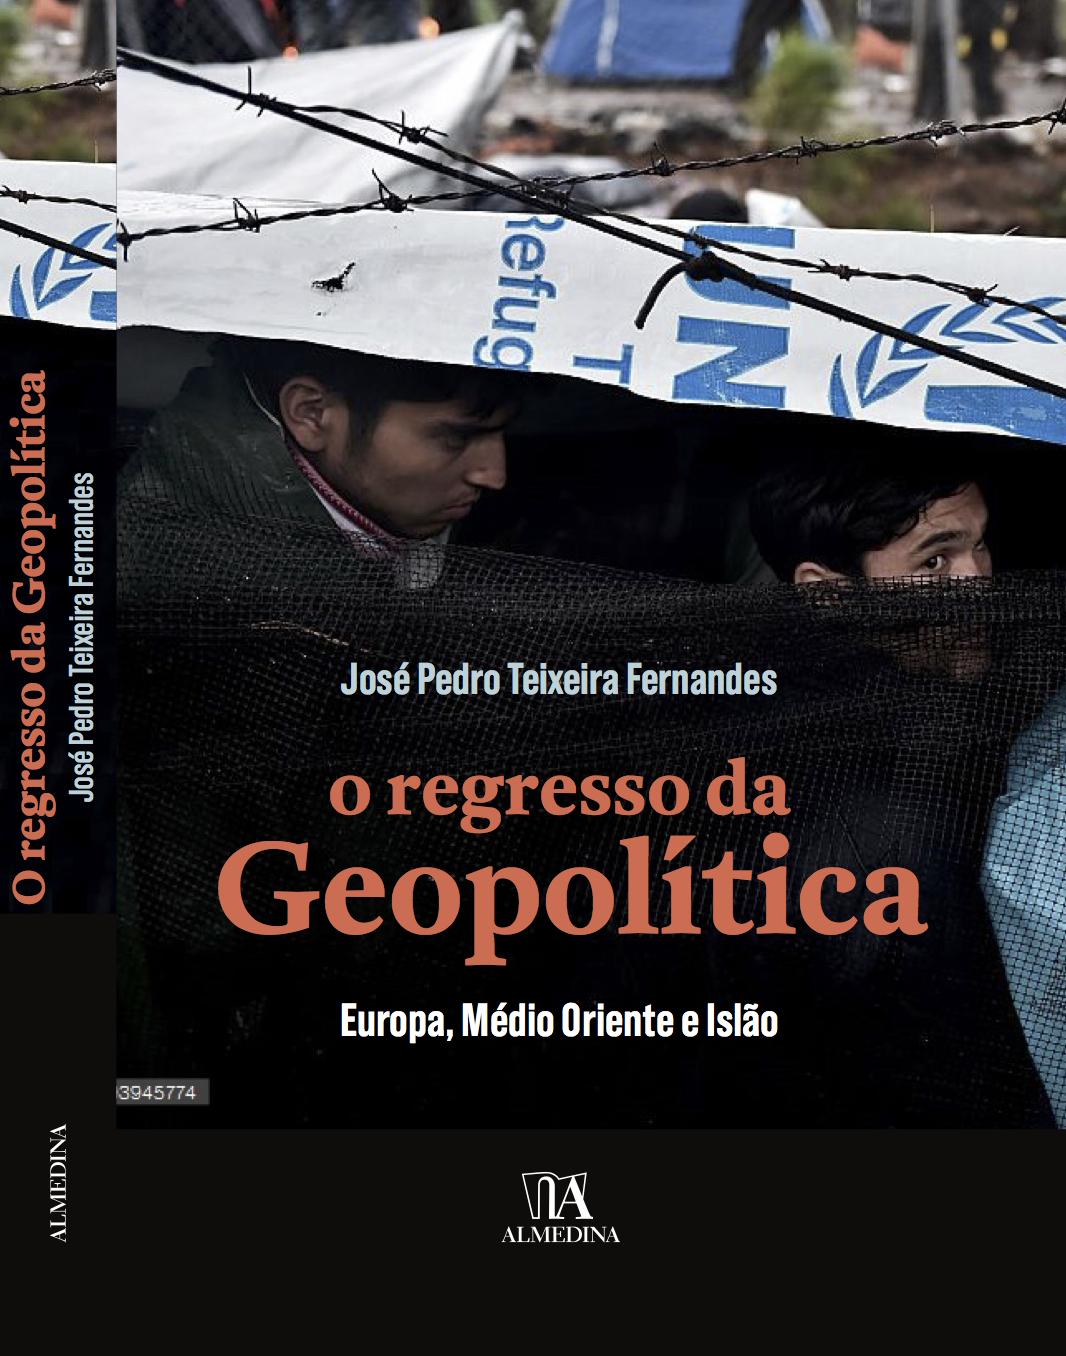 O Regresso da Geopolítica